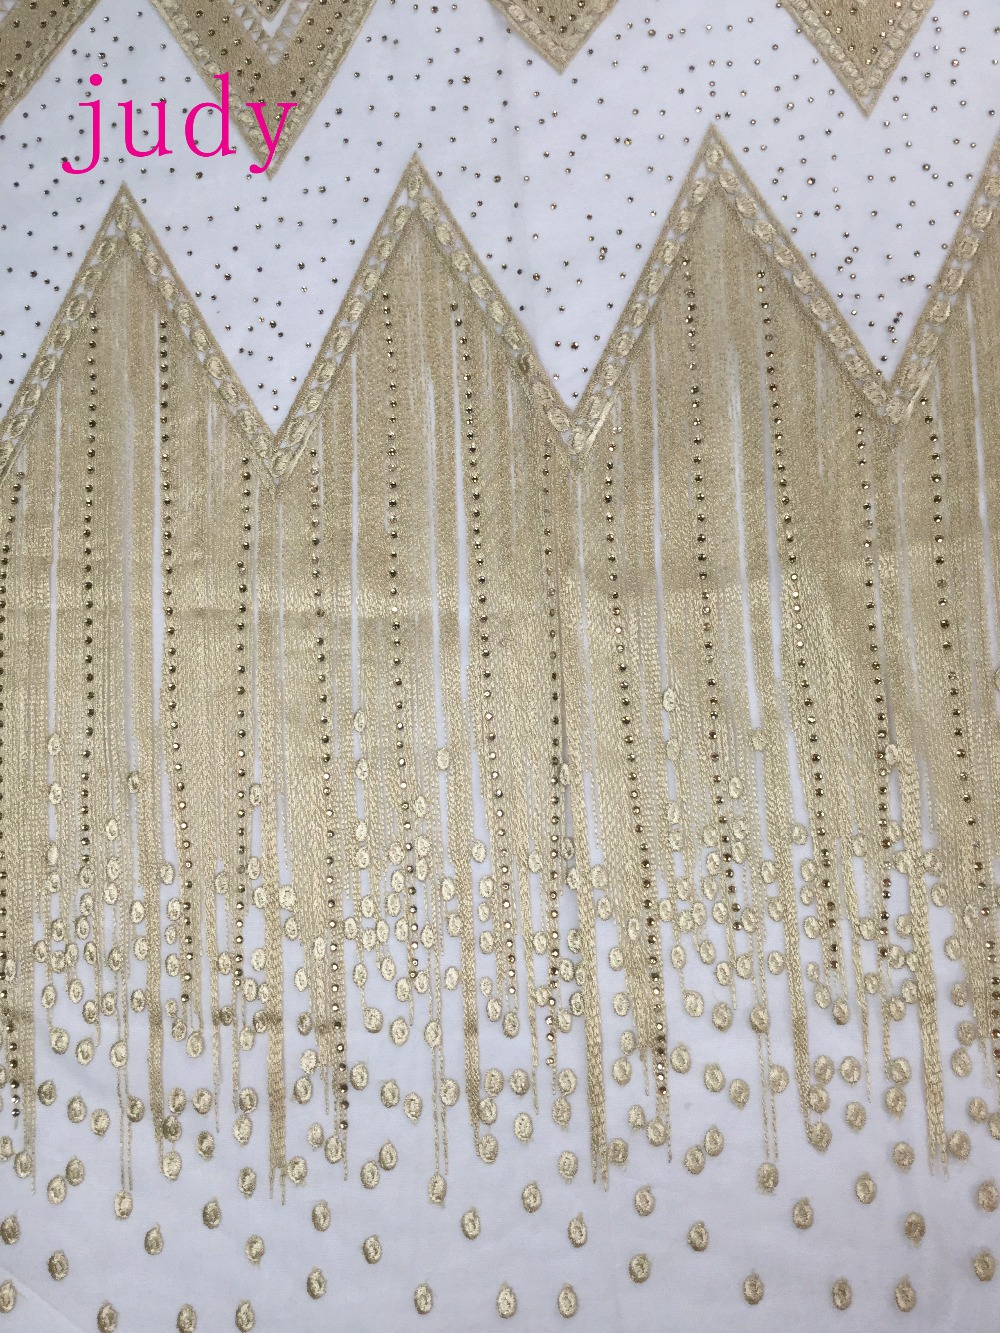 Stock MX52 # tissu en or pâle broderie intensive style égyptien diamant modèles classiques pour robes de mariée livraison gratuite